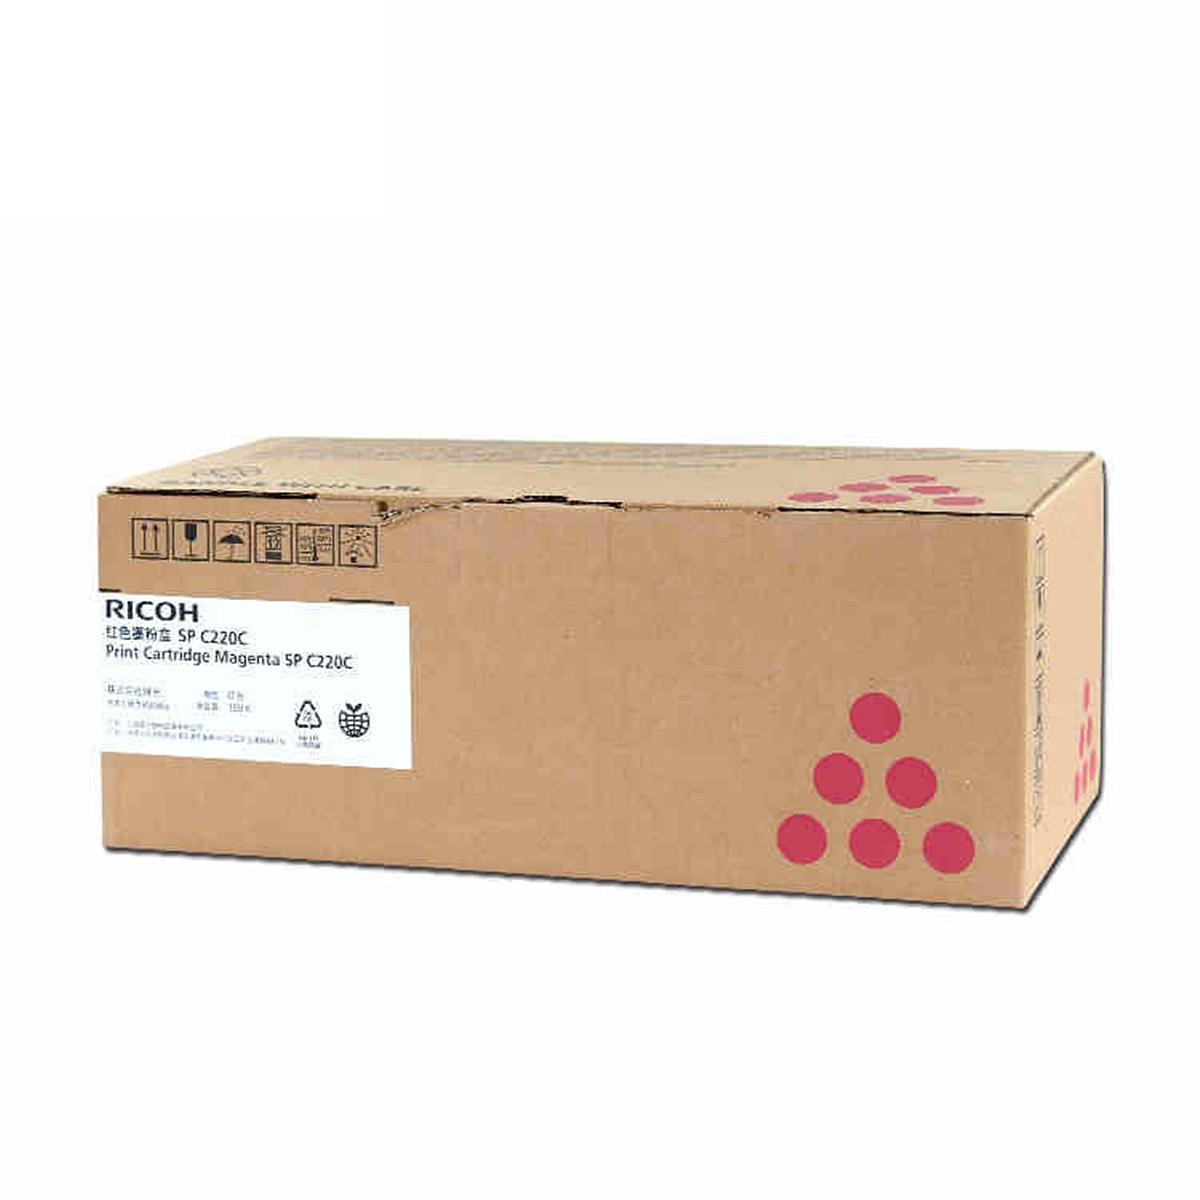 理光 SPC220N 原装碳粉  (单位:支) 红